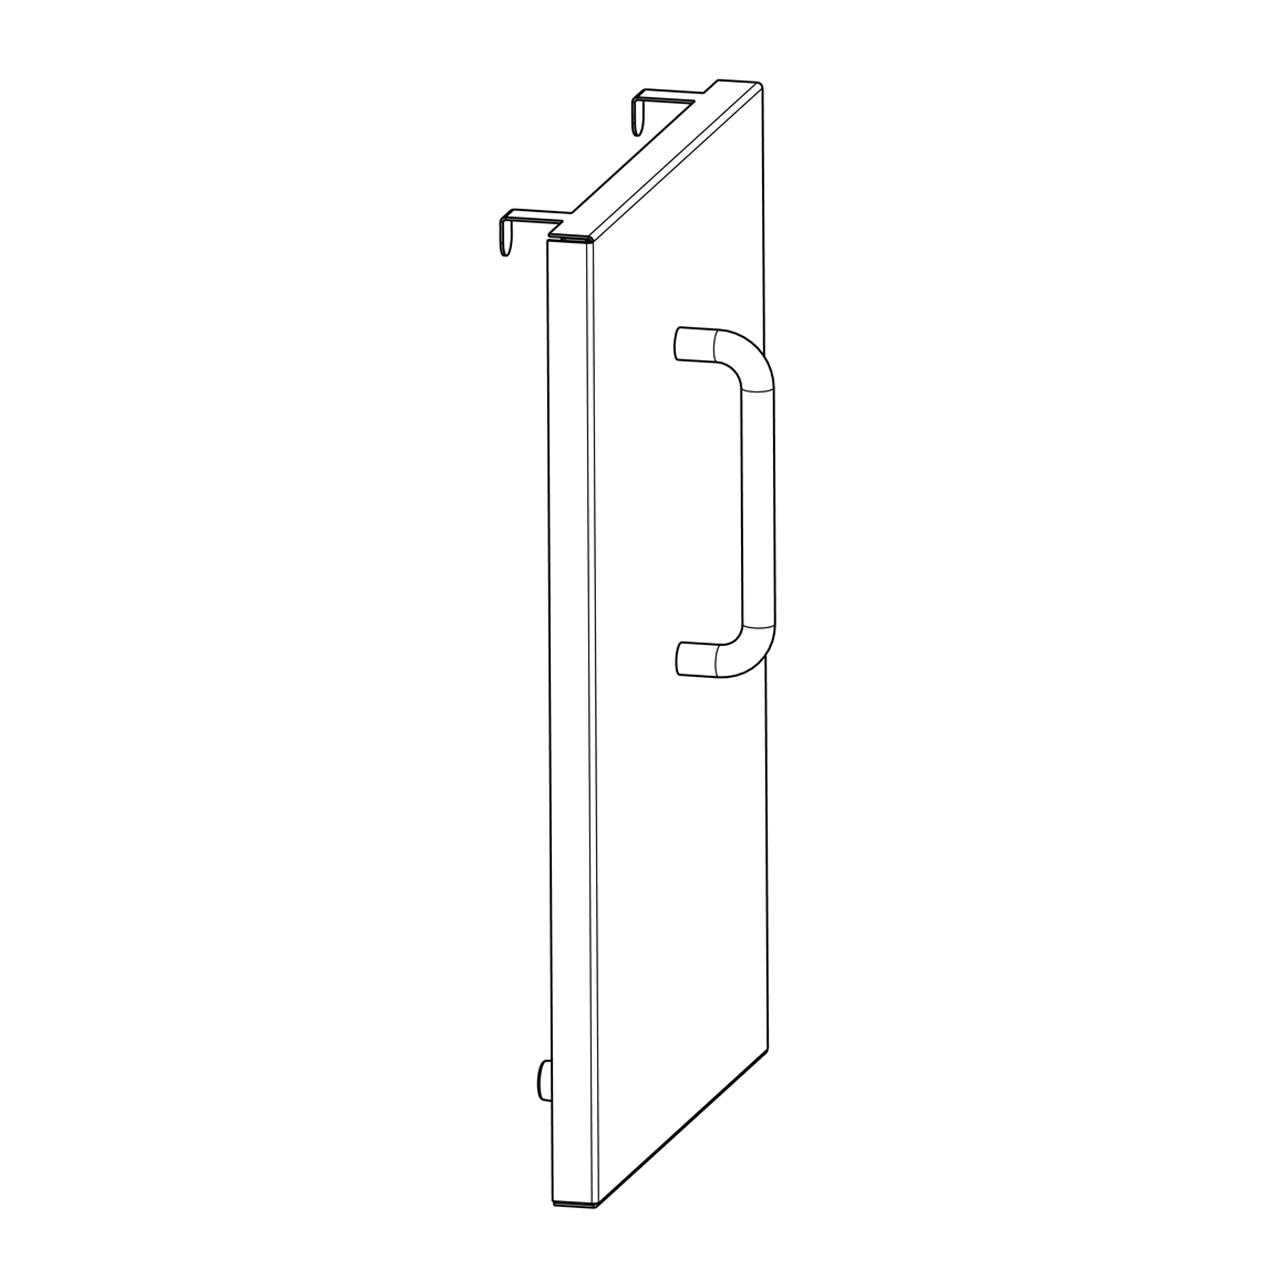 Iso-panel-w2-wamsler